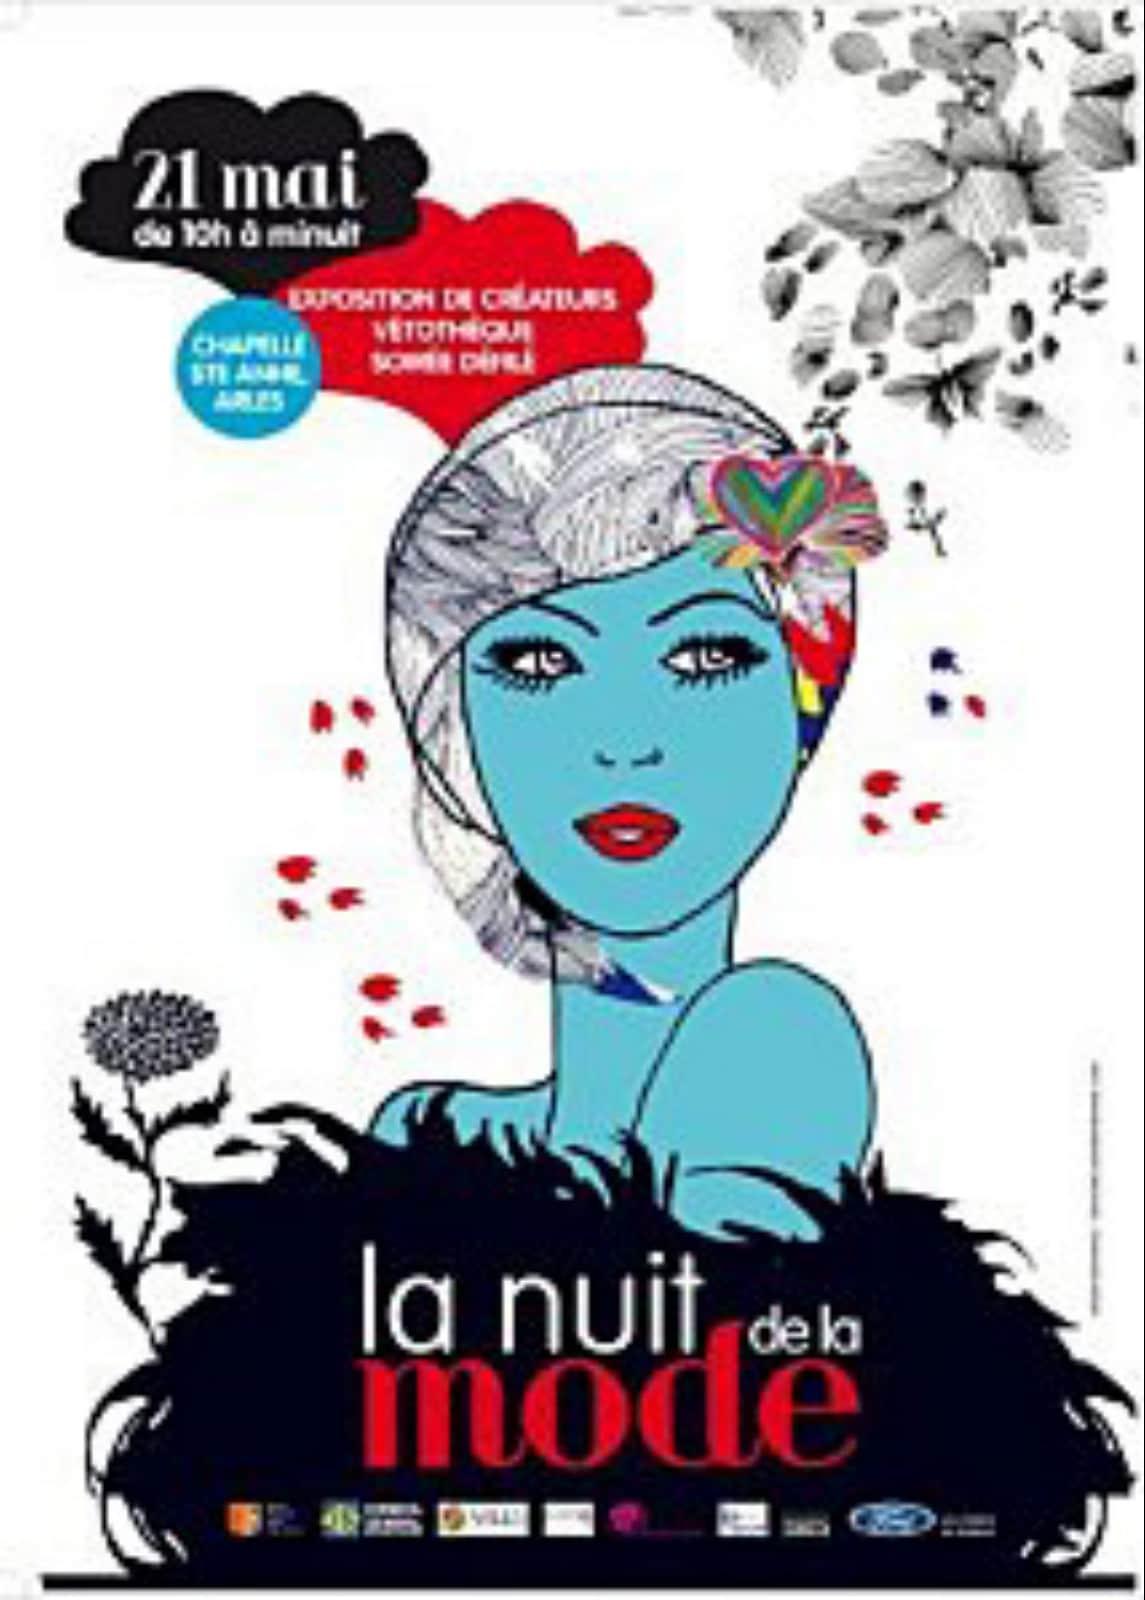 La 3ème édition de la «Nuit de la Mode», le 21 Mai 2011 à Arles